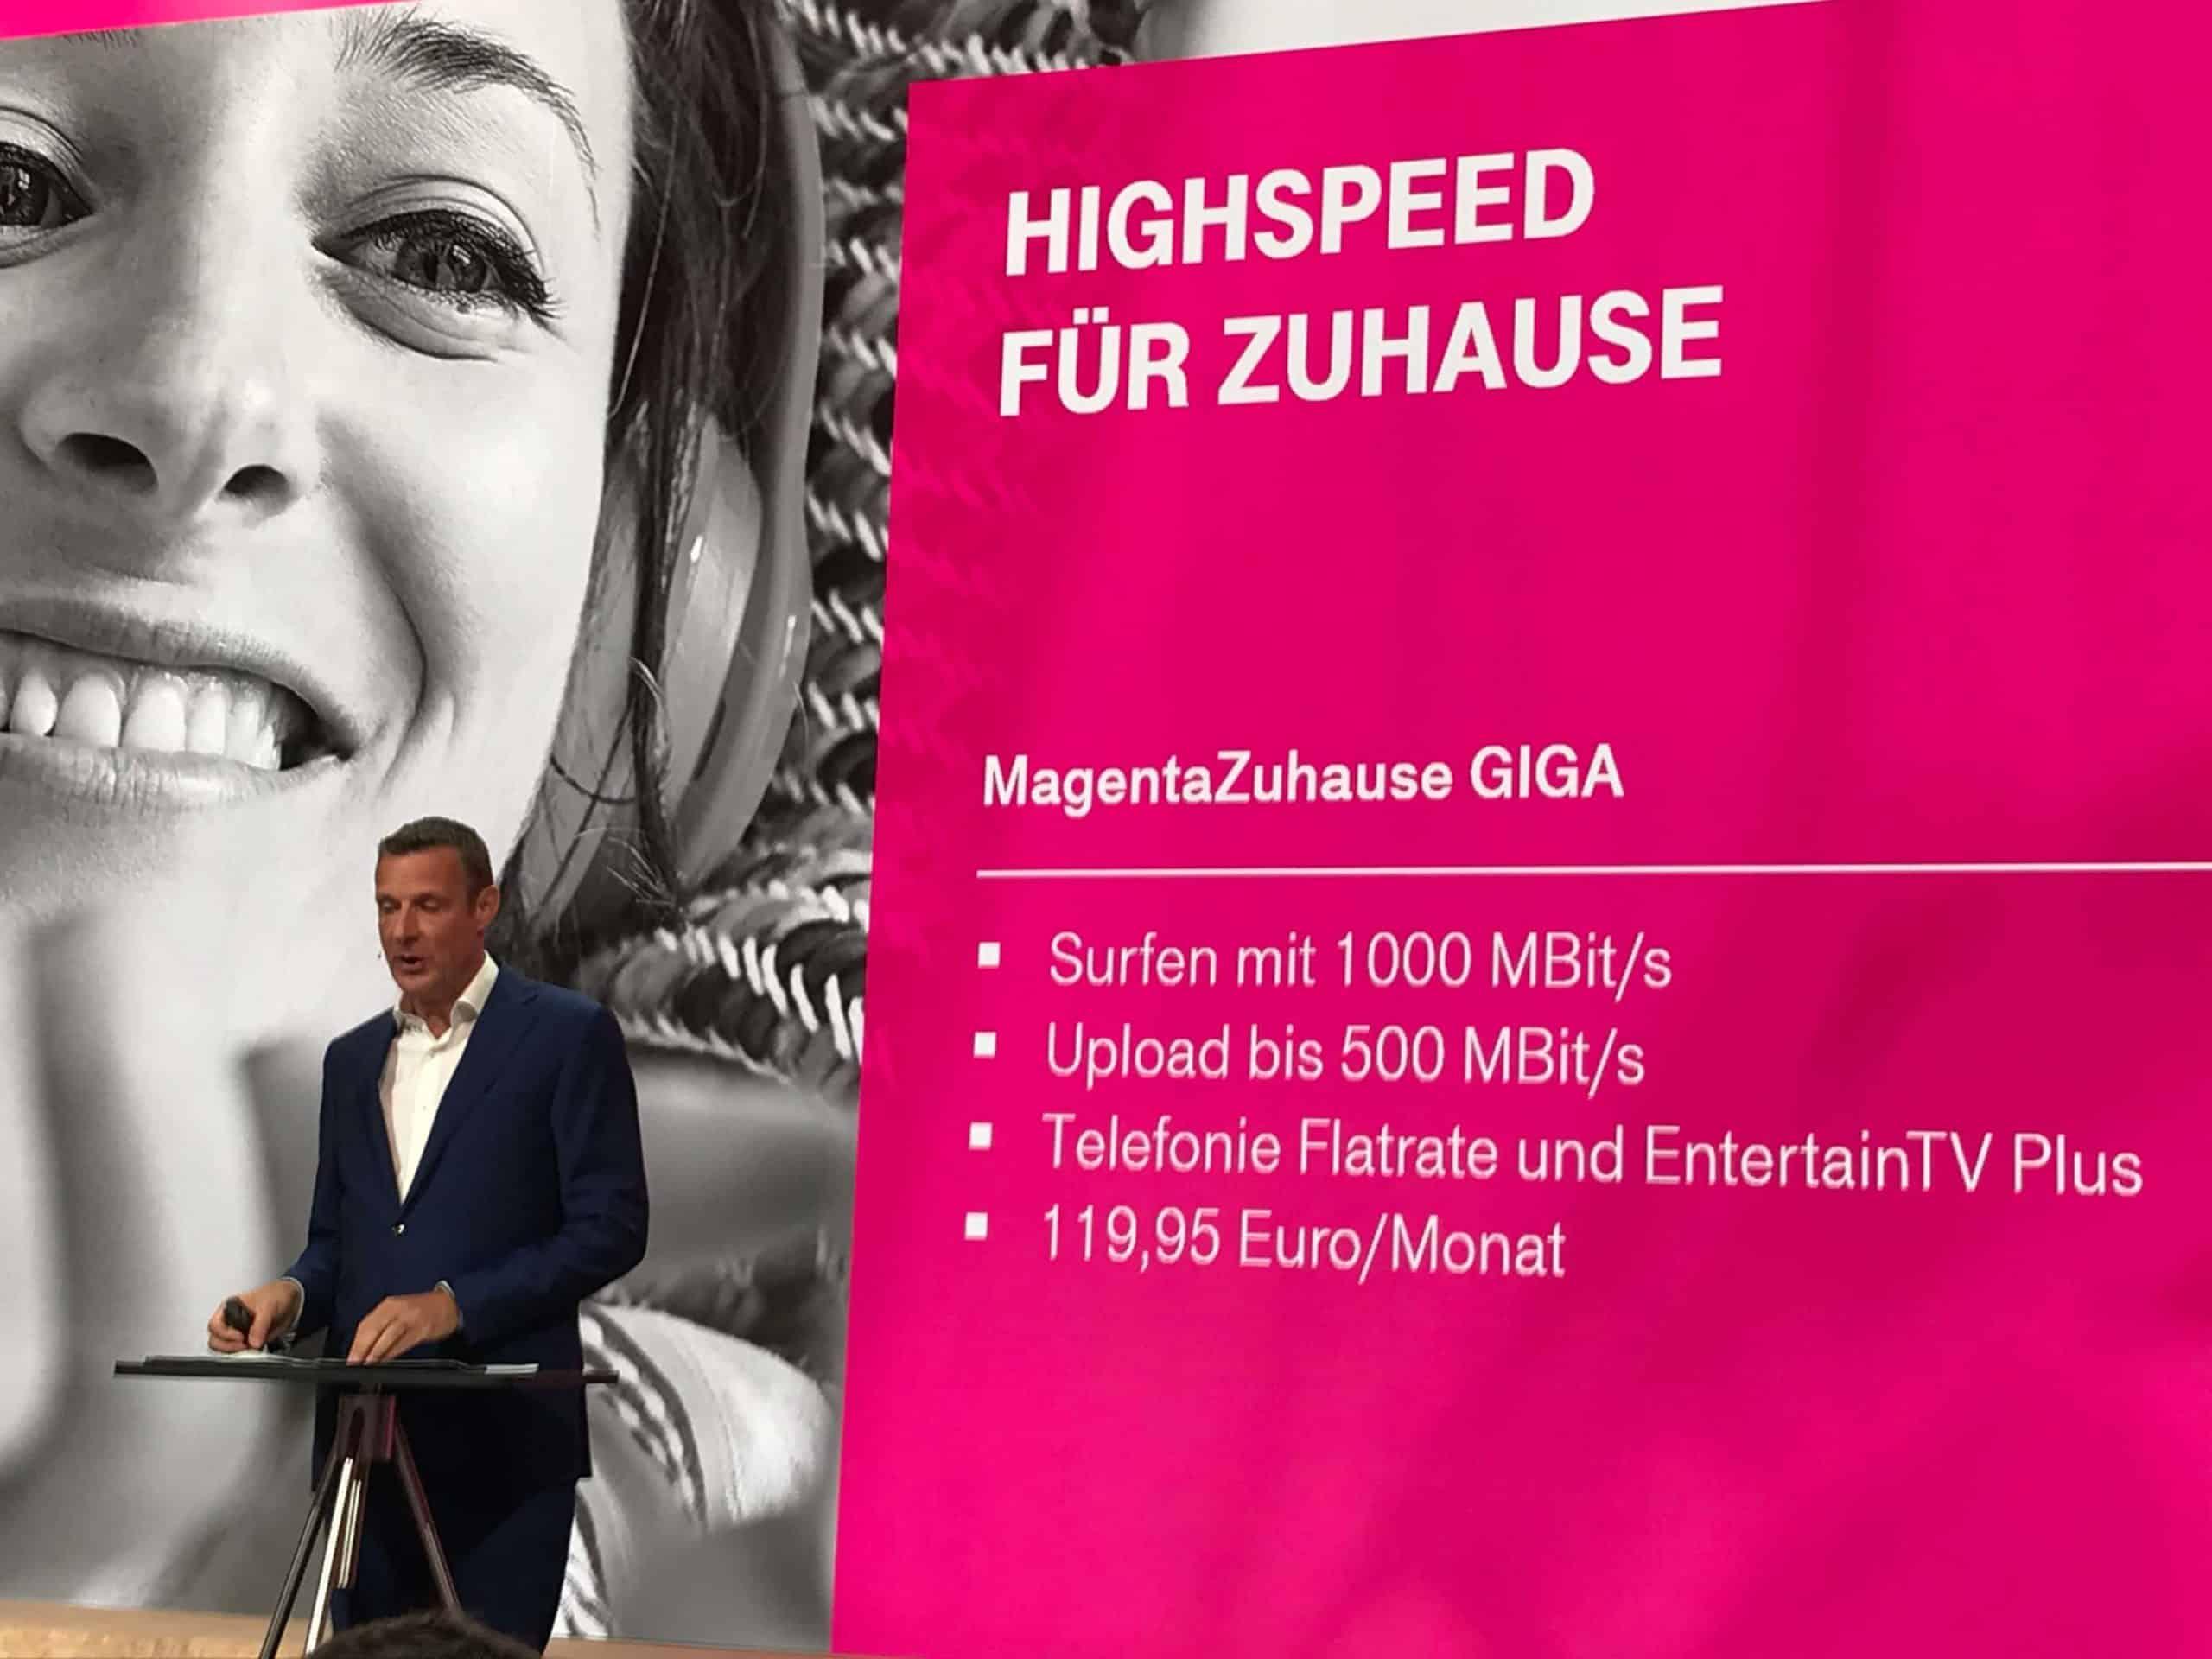 Magenta Zuhause GIGA / Moritz Kraus